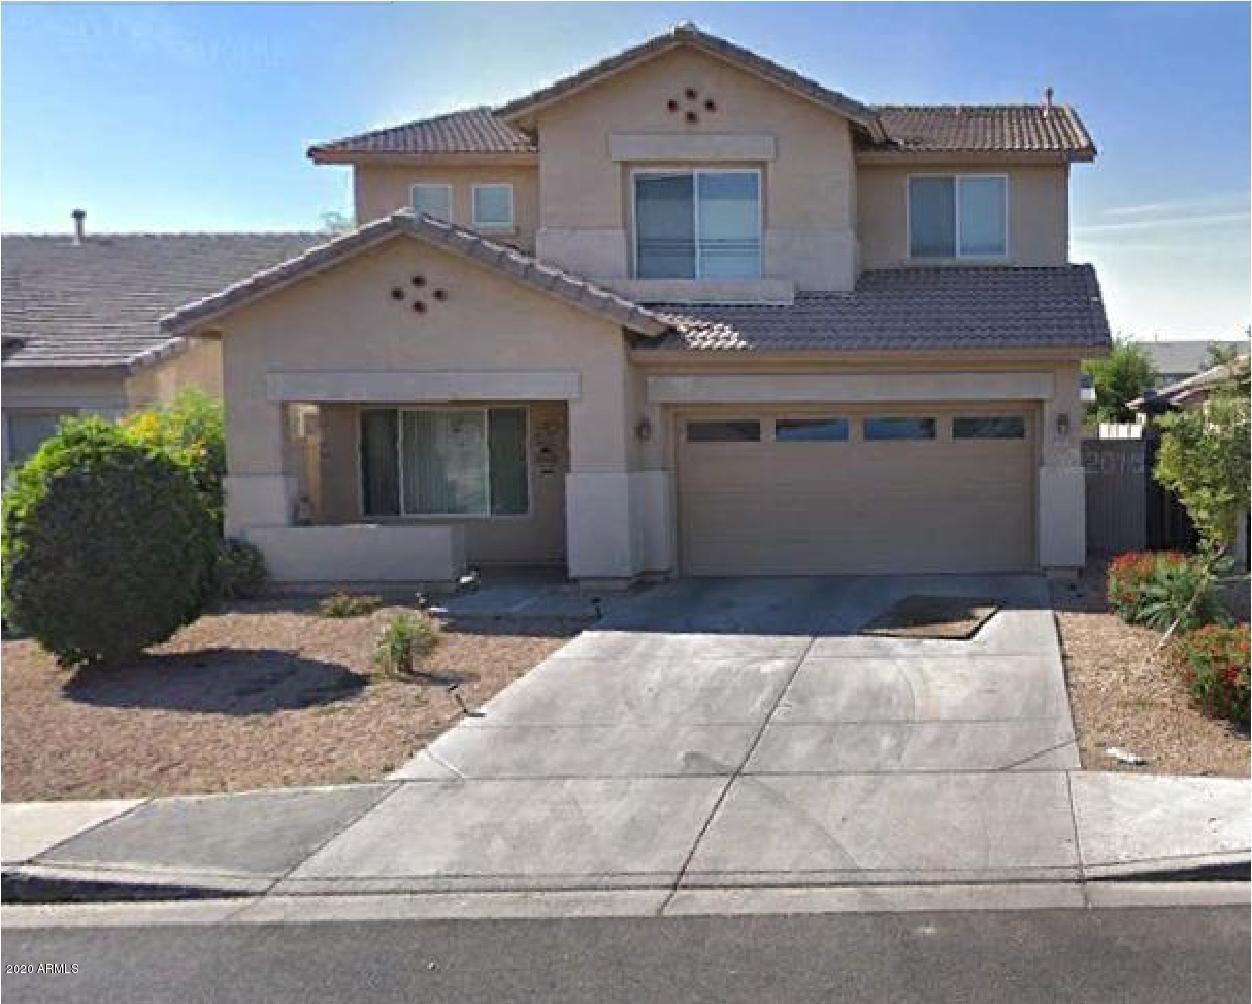 11614 W HARRISON Street, Avondale, AZ 85323 - MLS#: 6128852